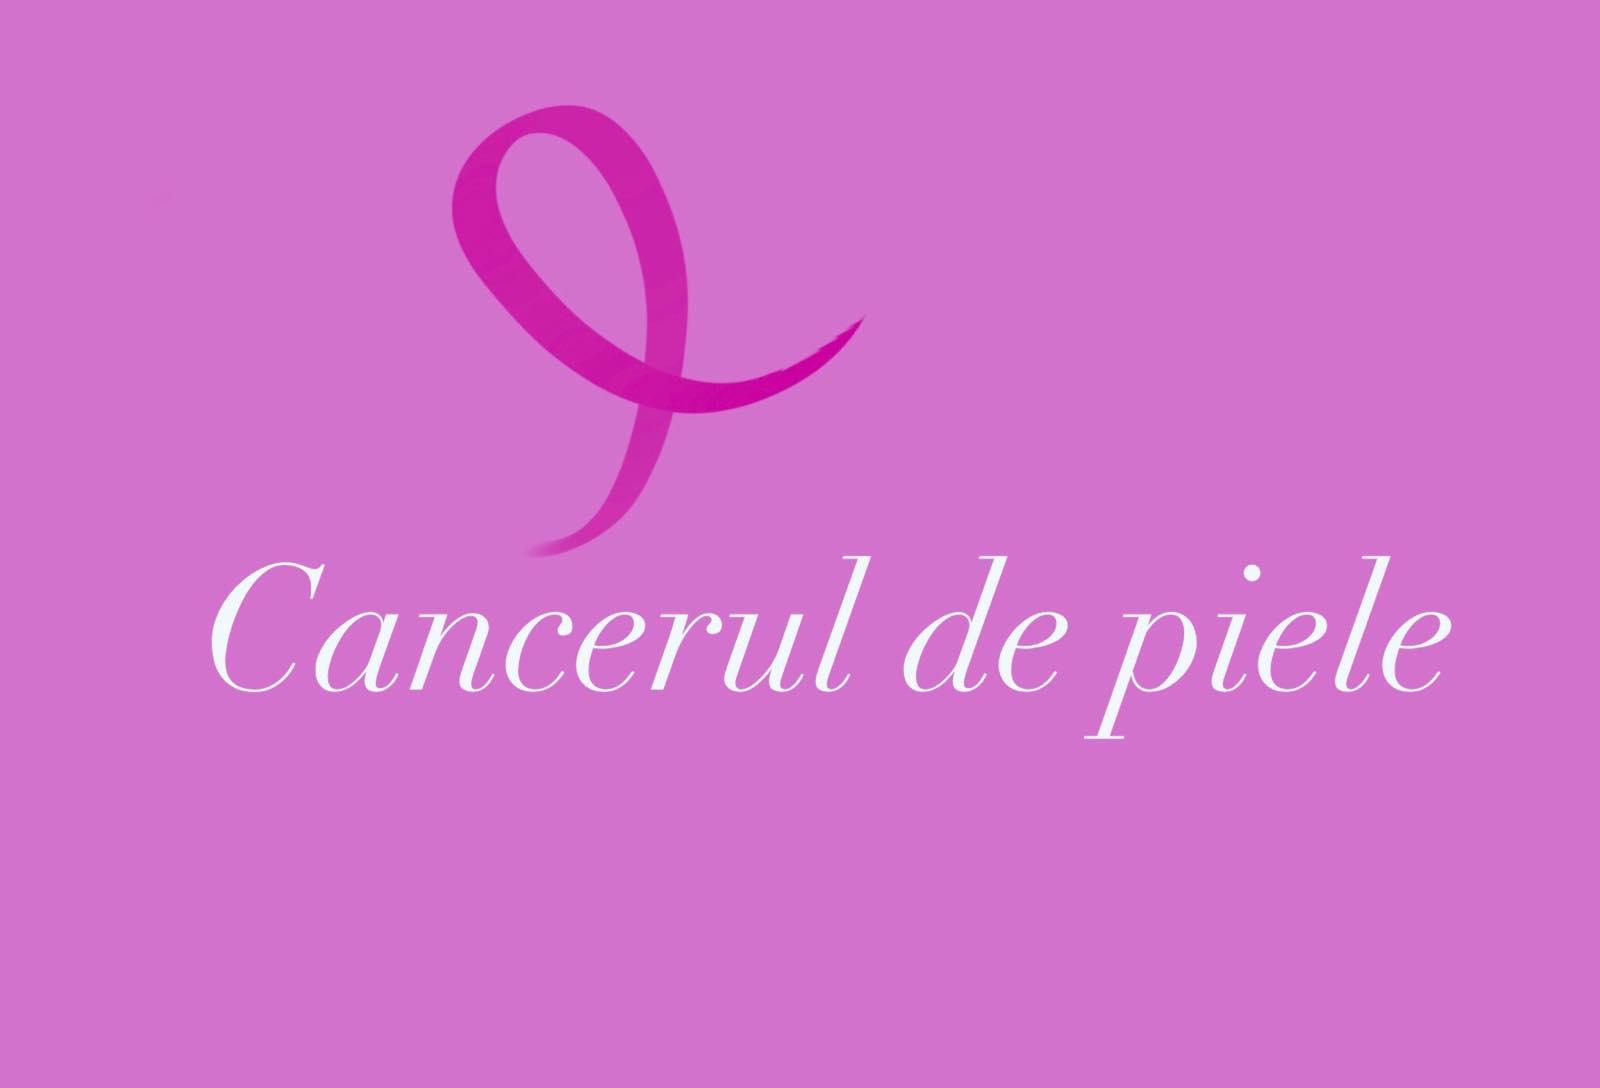 cancerul de piele este vindecabil